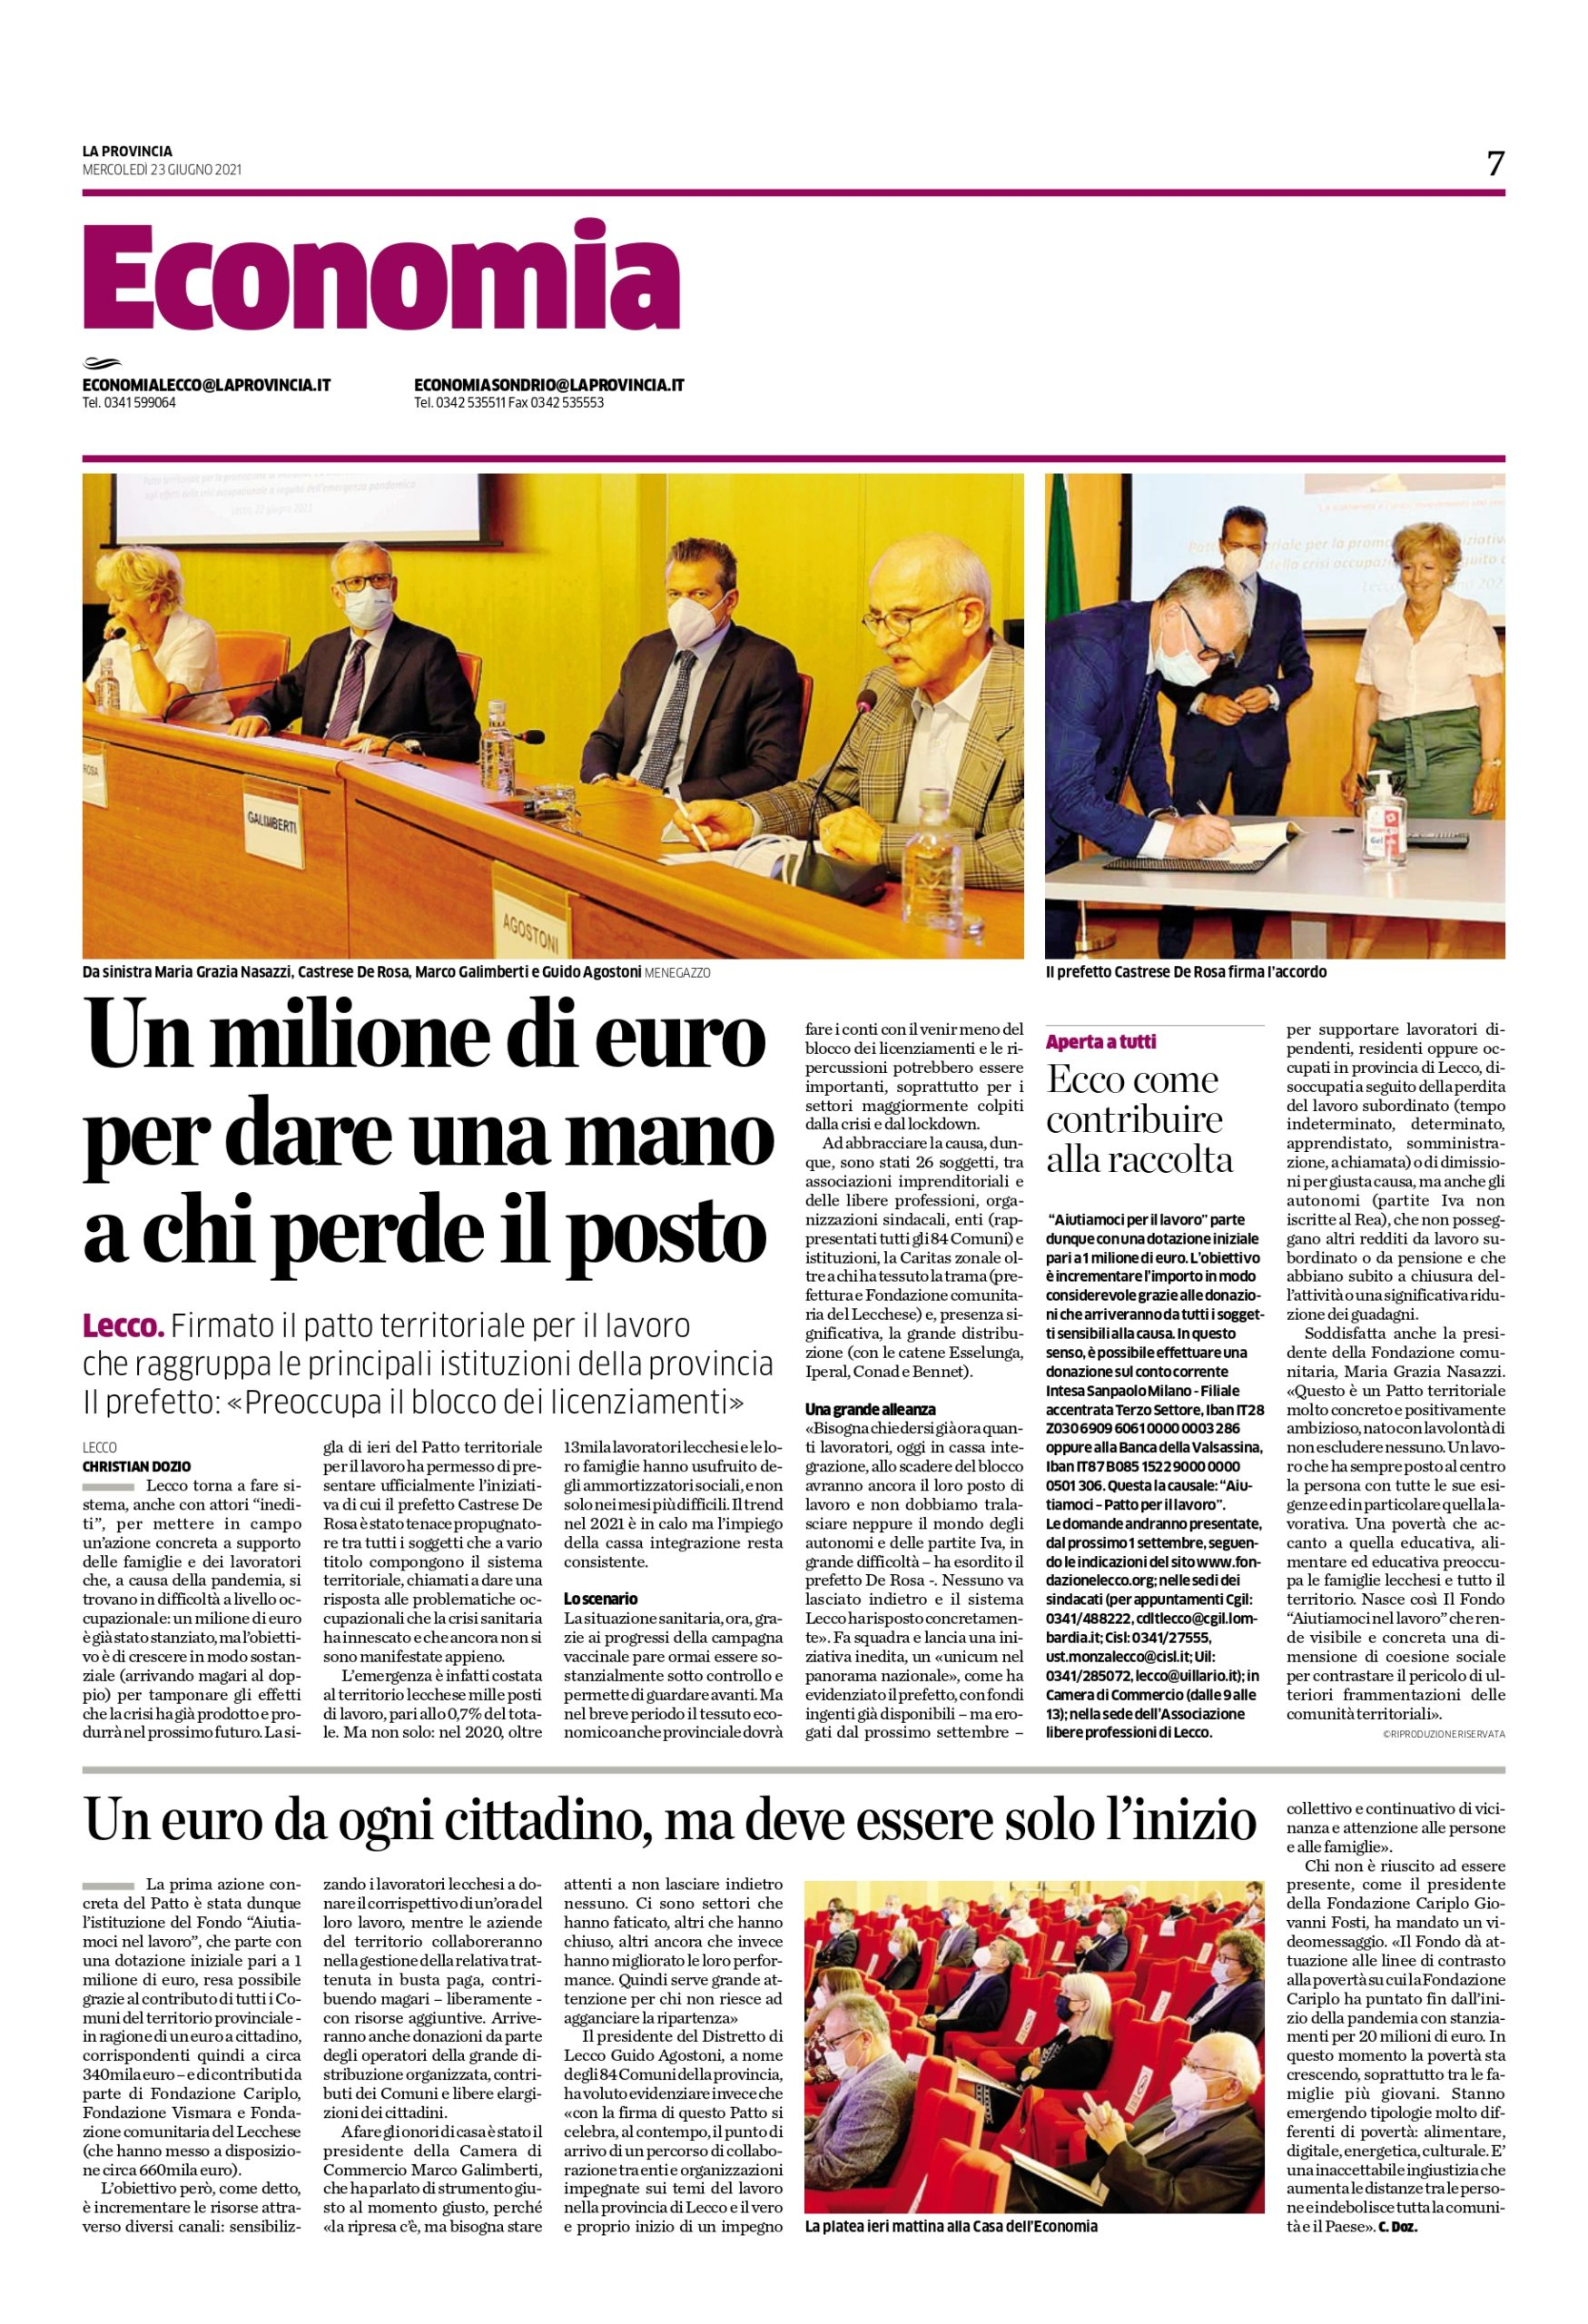 Un milione di euro per dare una mano a chi perde il posto